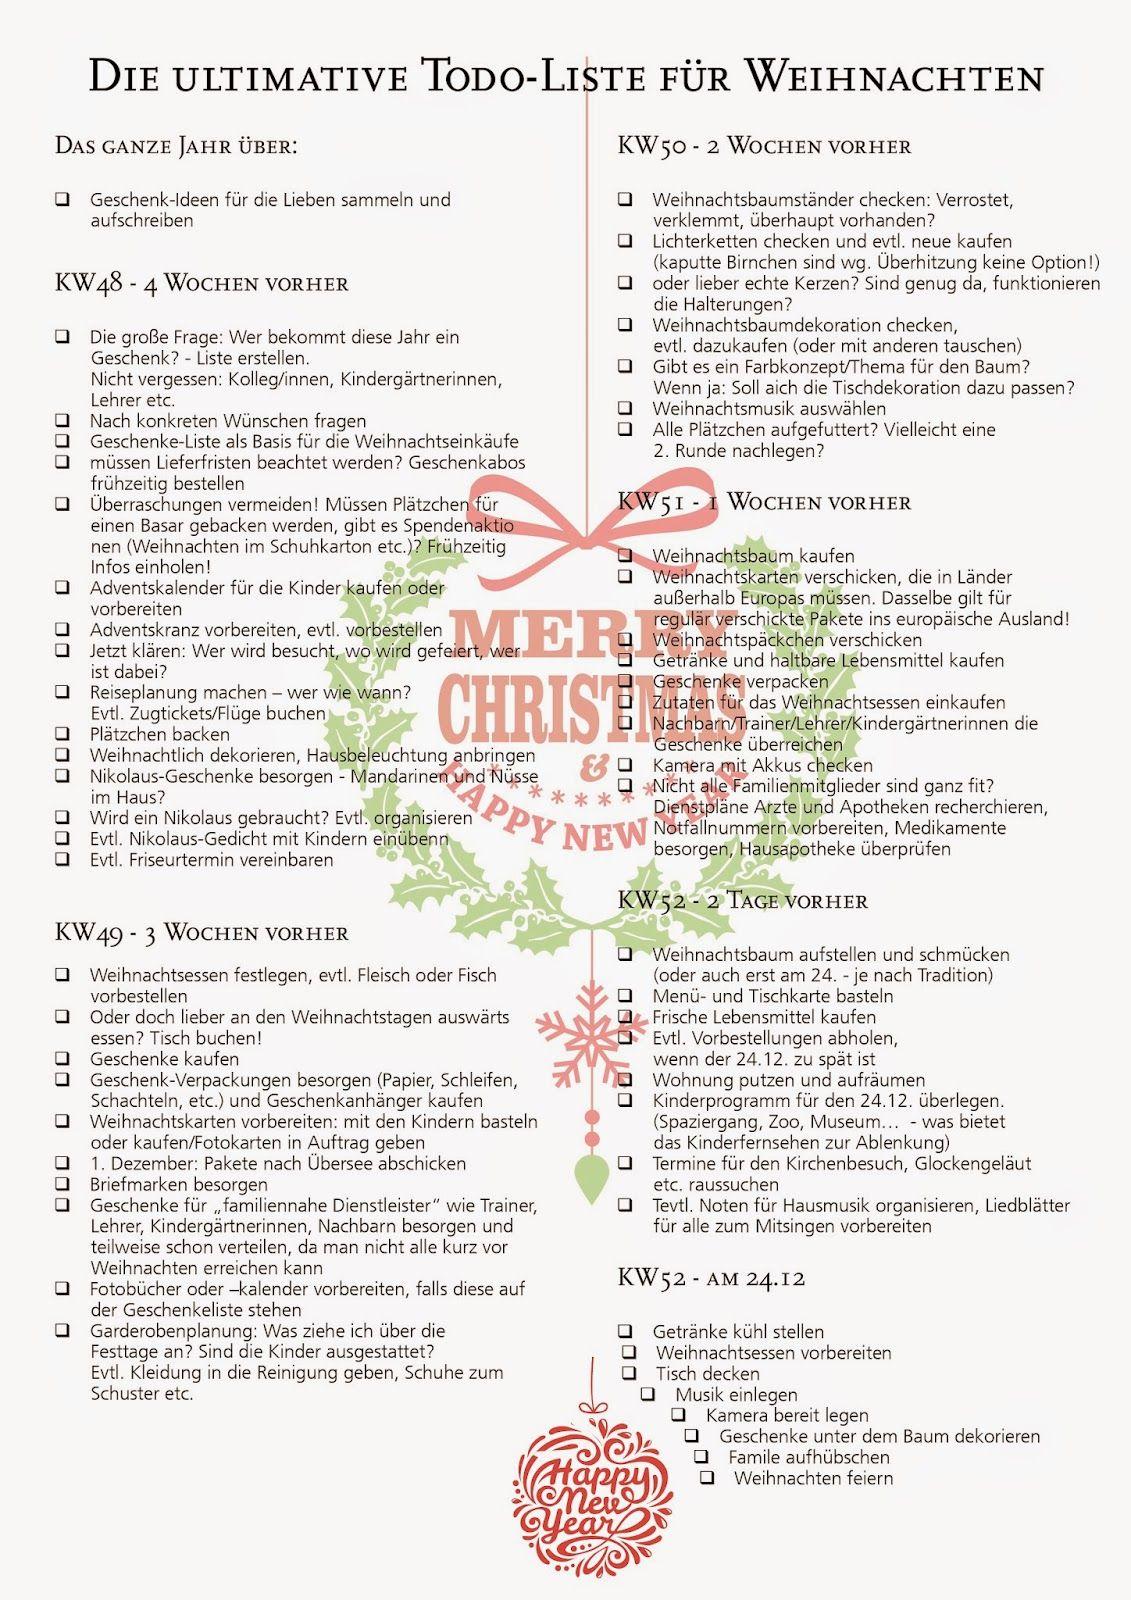 Damit Weihnachten dieses Jahr nicht so plötzlich kommt … – ordnungsliebe